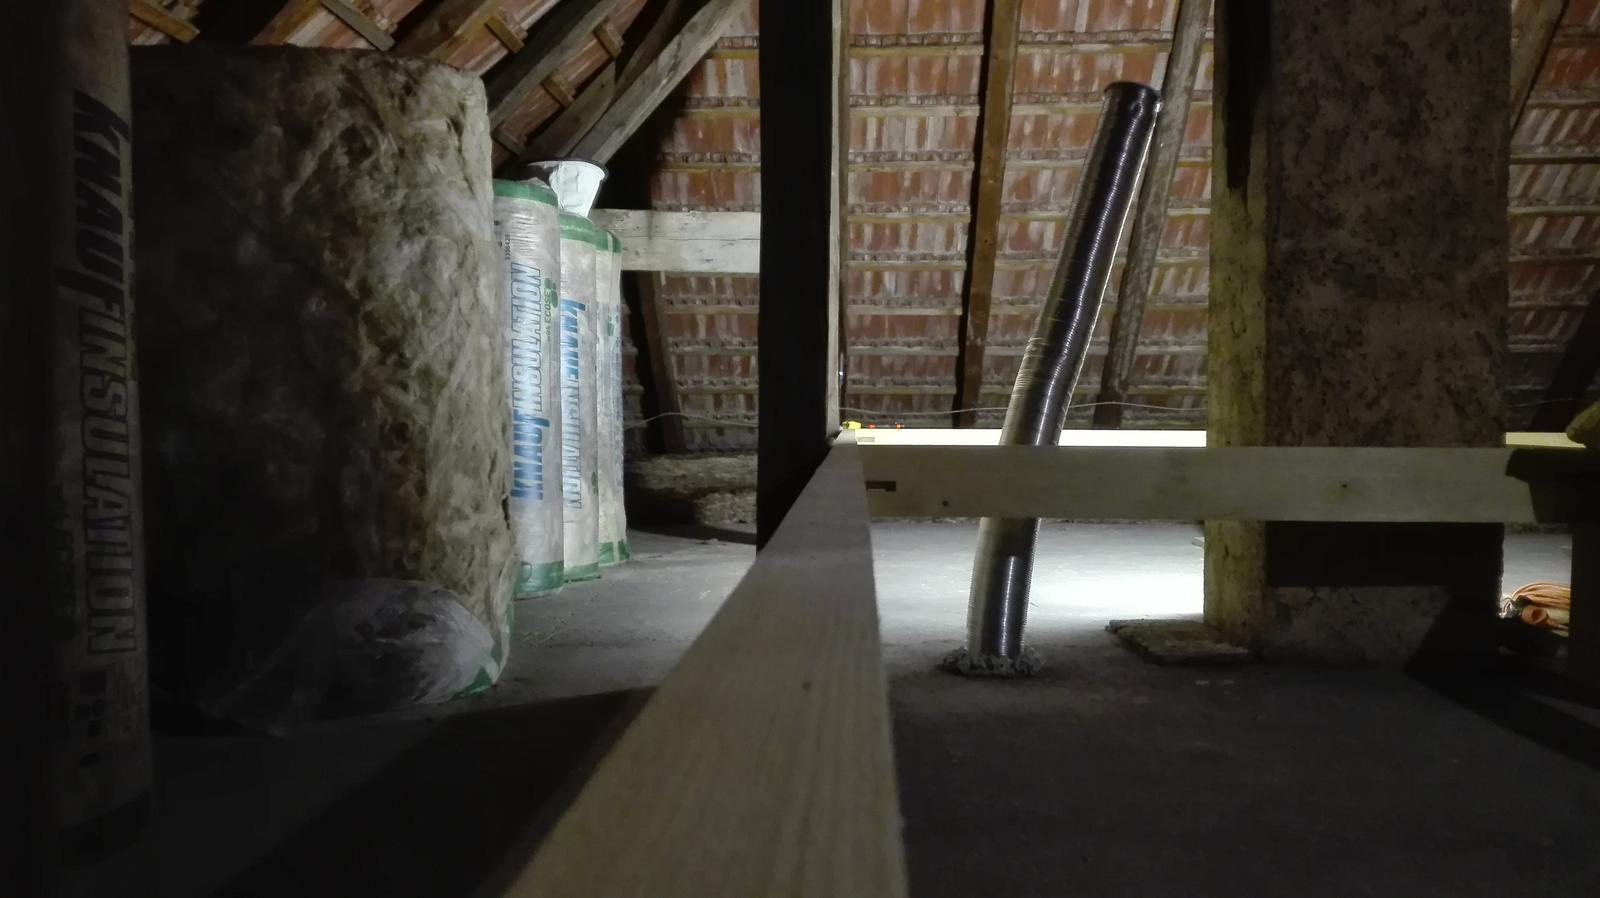 Zlepsenie tepelnoizolacnych vlastností tramoveho stropu - Obrázok č. 5